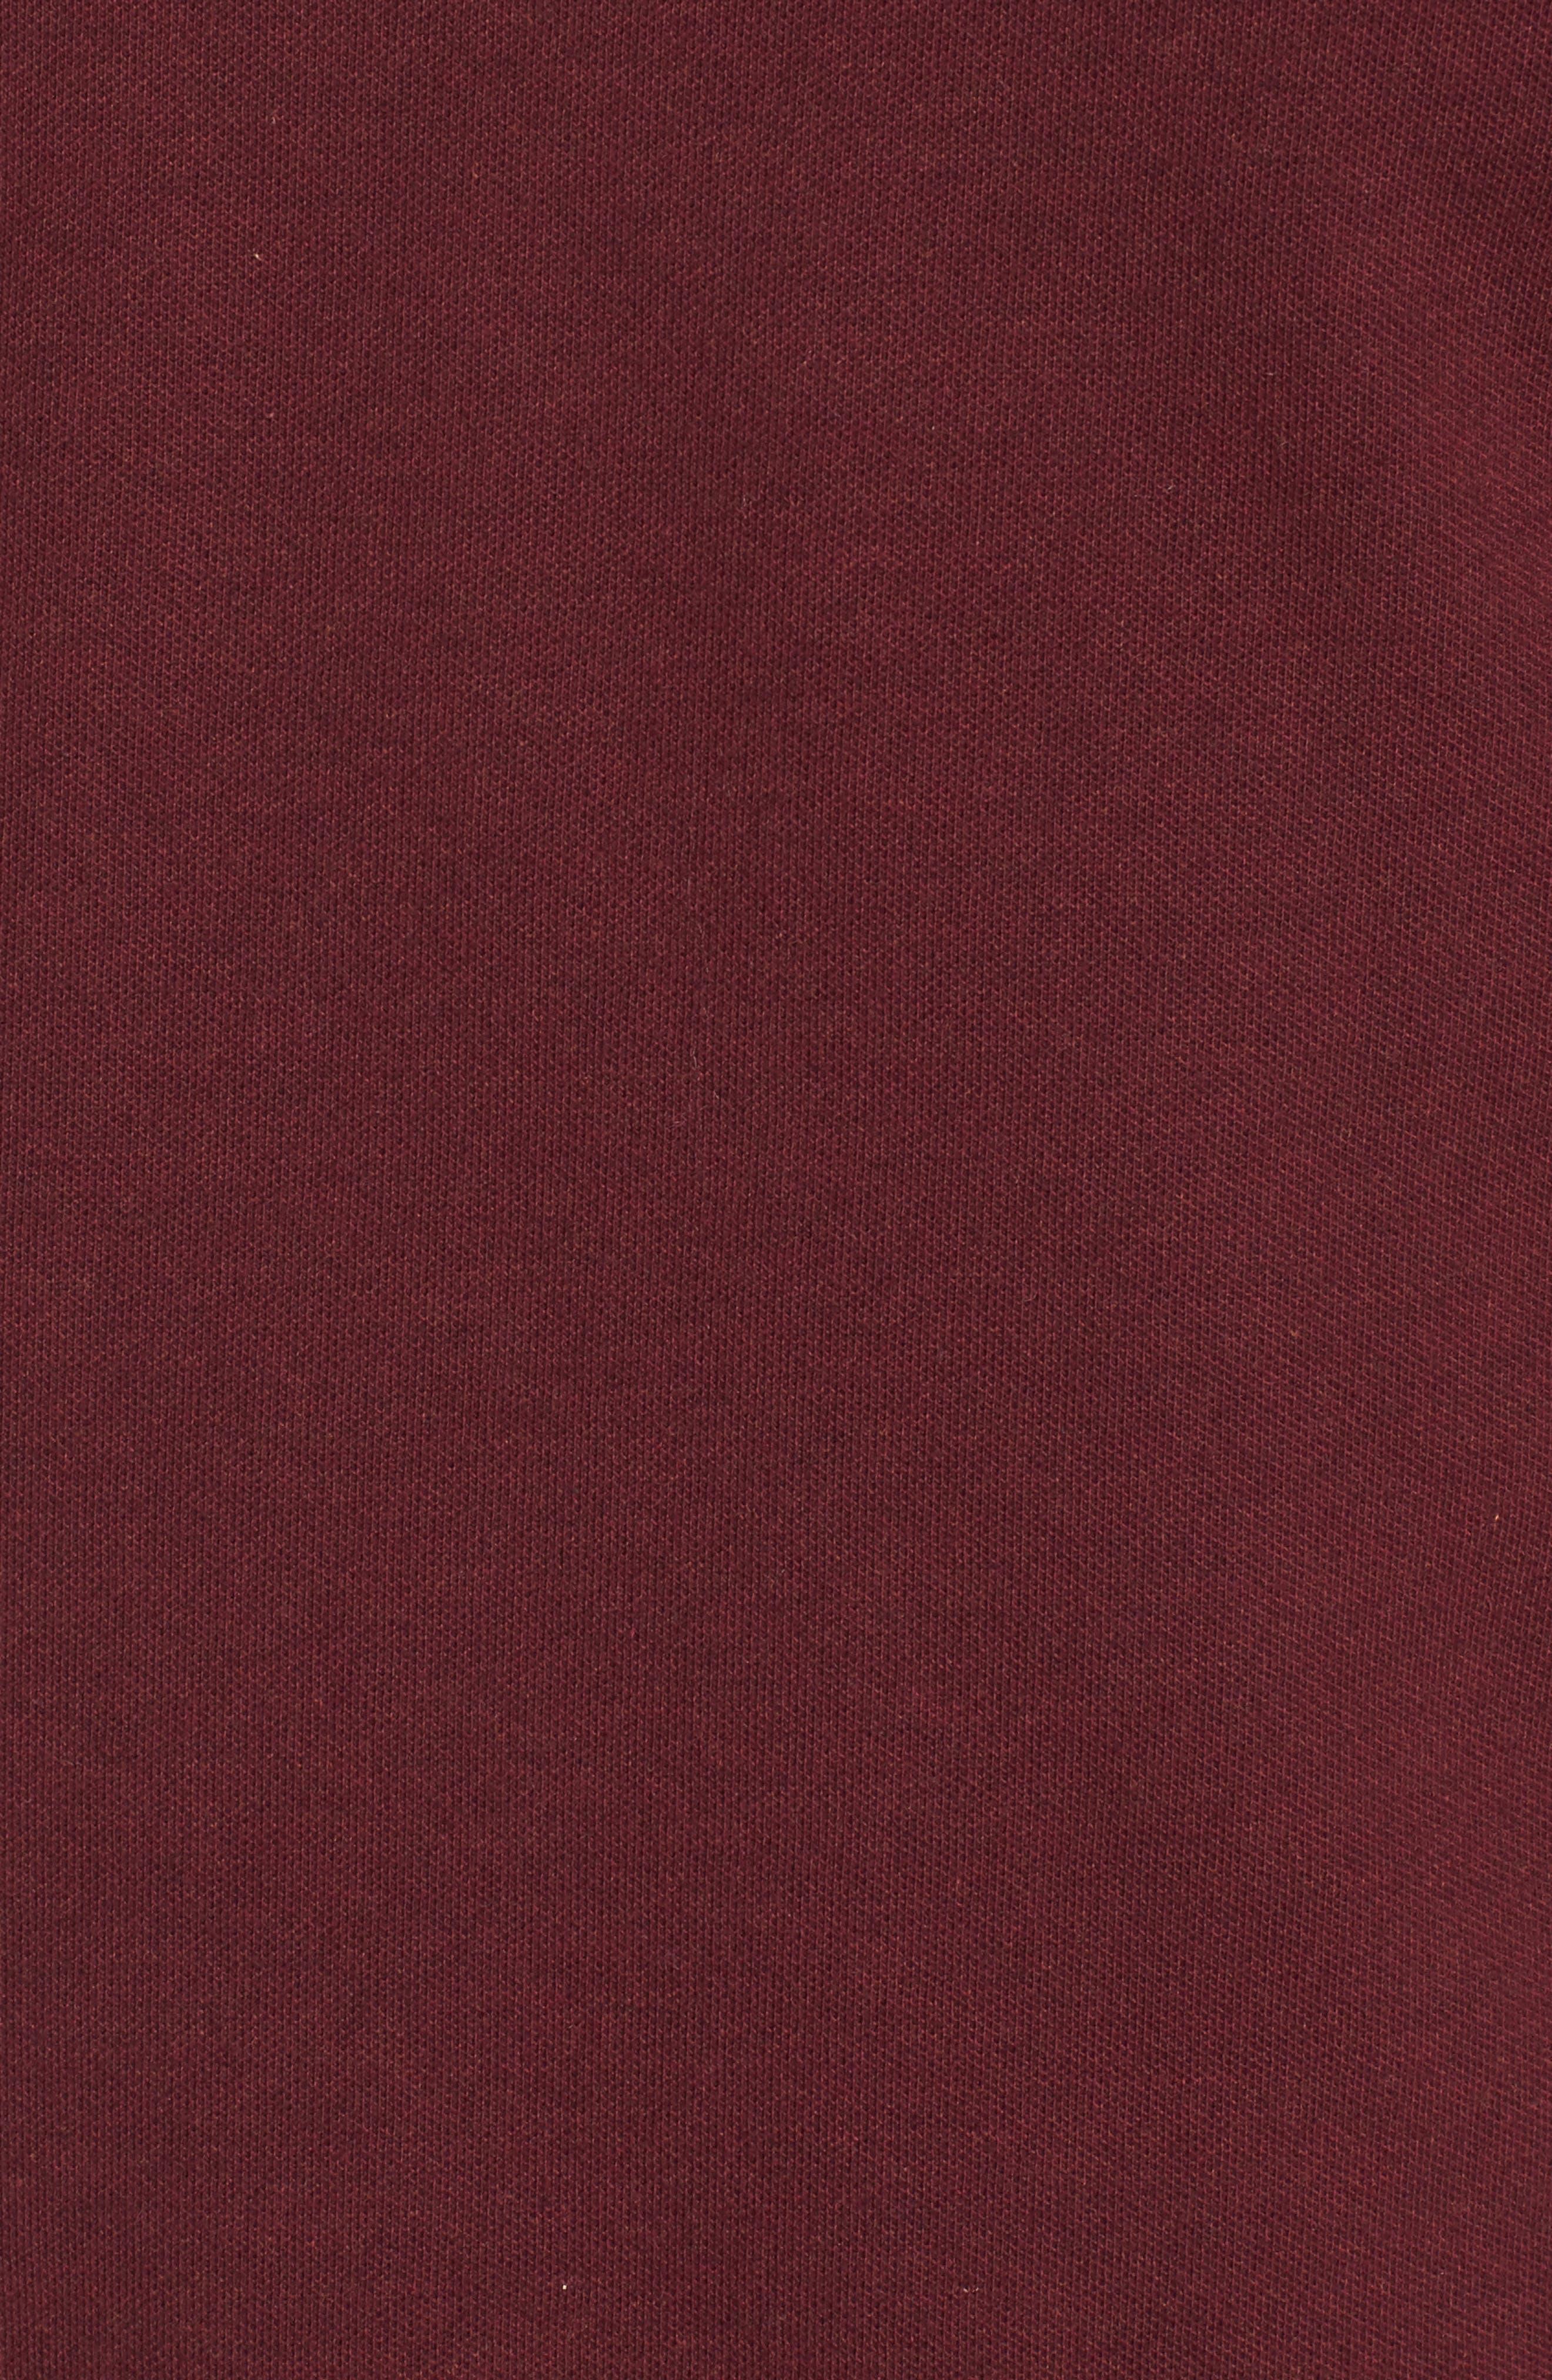 Regular Fit Piqué Polo,                             Alternate thumbnail 5, color,                             CRIMSON